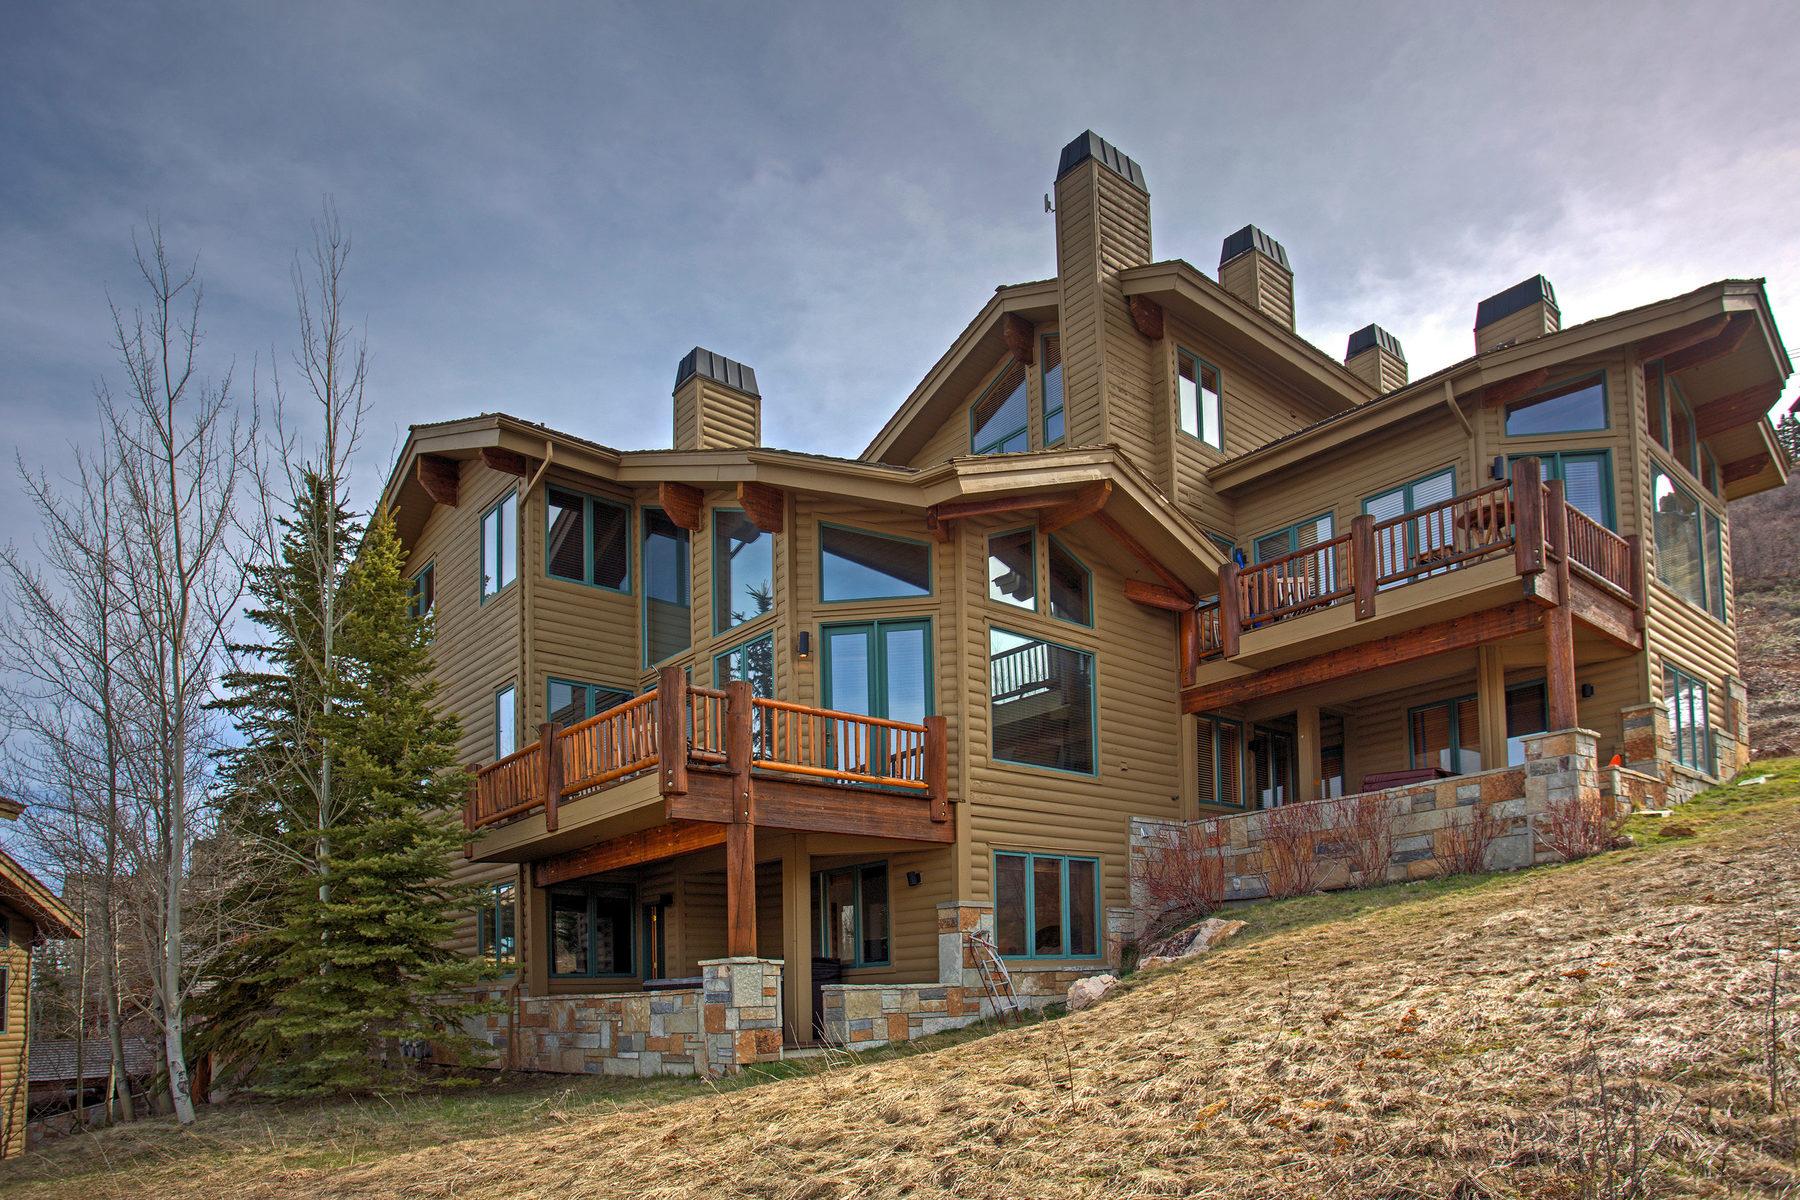 단독 가정 주택 용 매매 에 Updated Deer Valley Townhome With Direct Ski Access and Spectacular Views 7900 Royal St E #12 Park City, 유타, 84060 미국